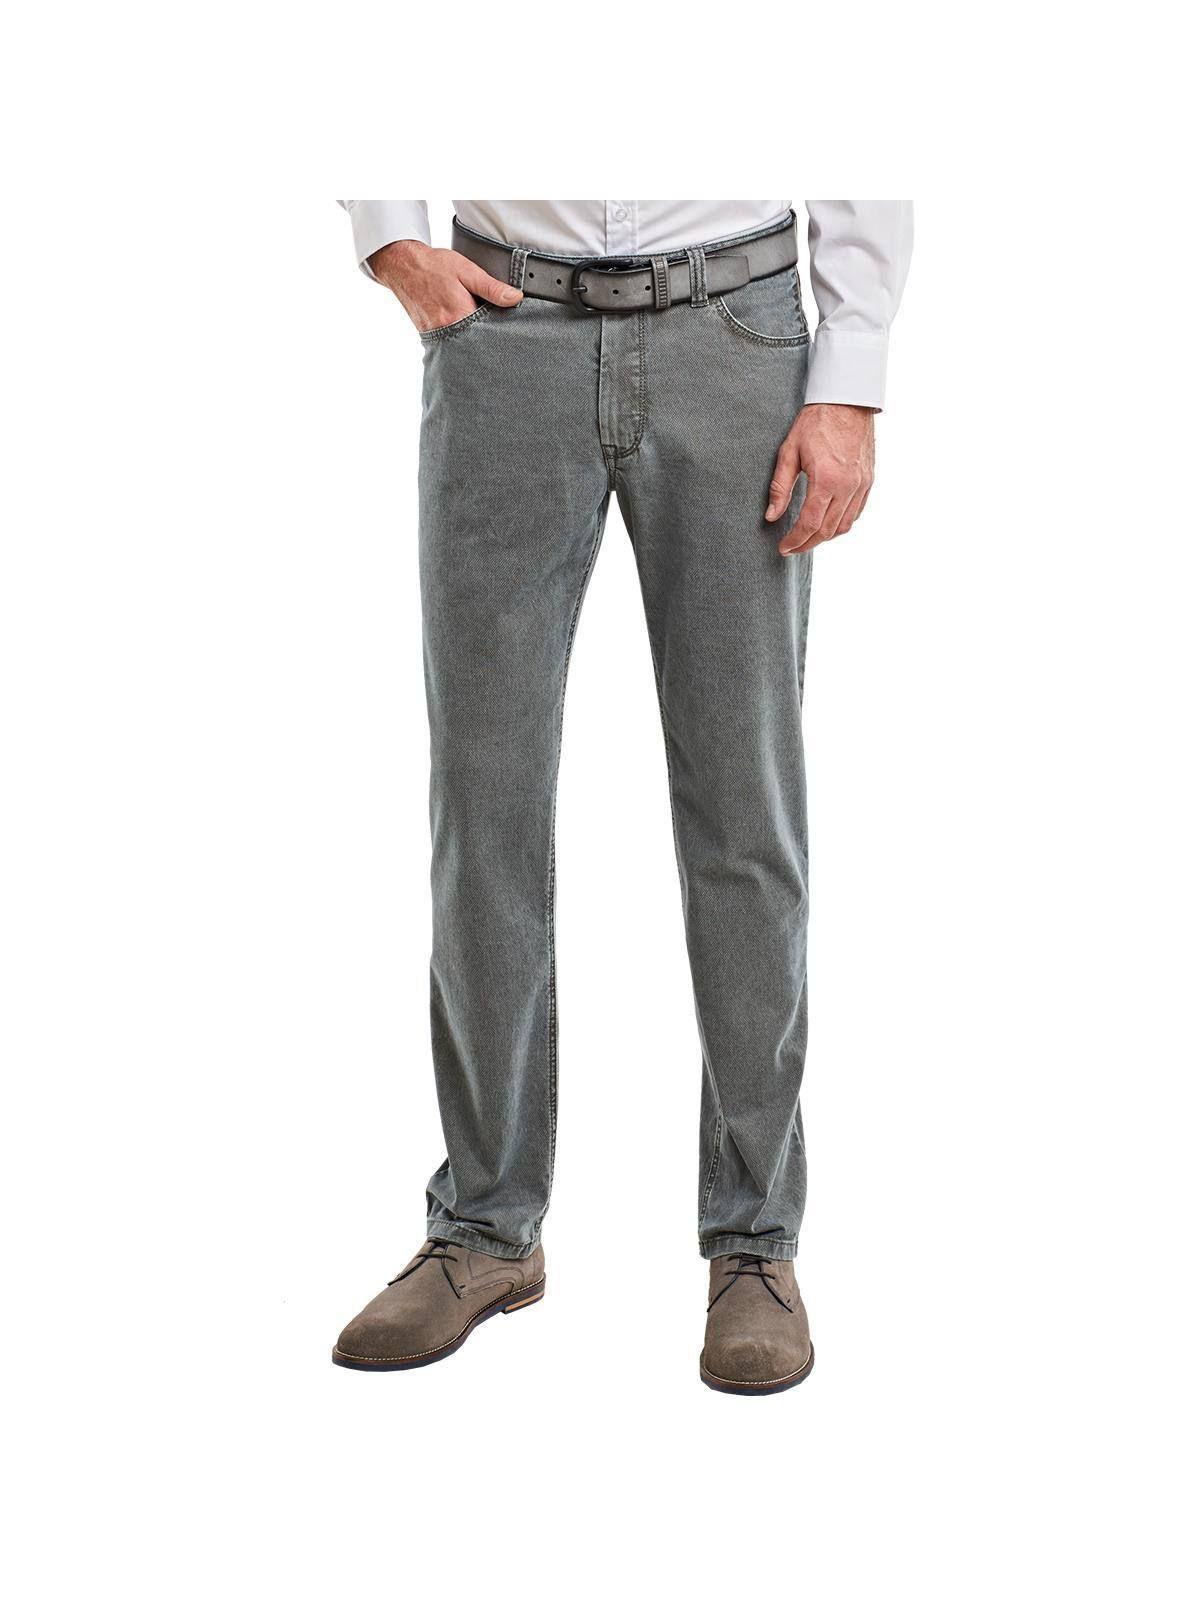 ENGBERS engbers Baumwollhose mit moderner Jeansfärbung